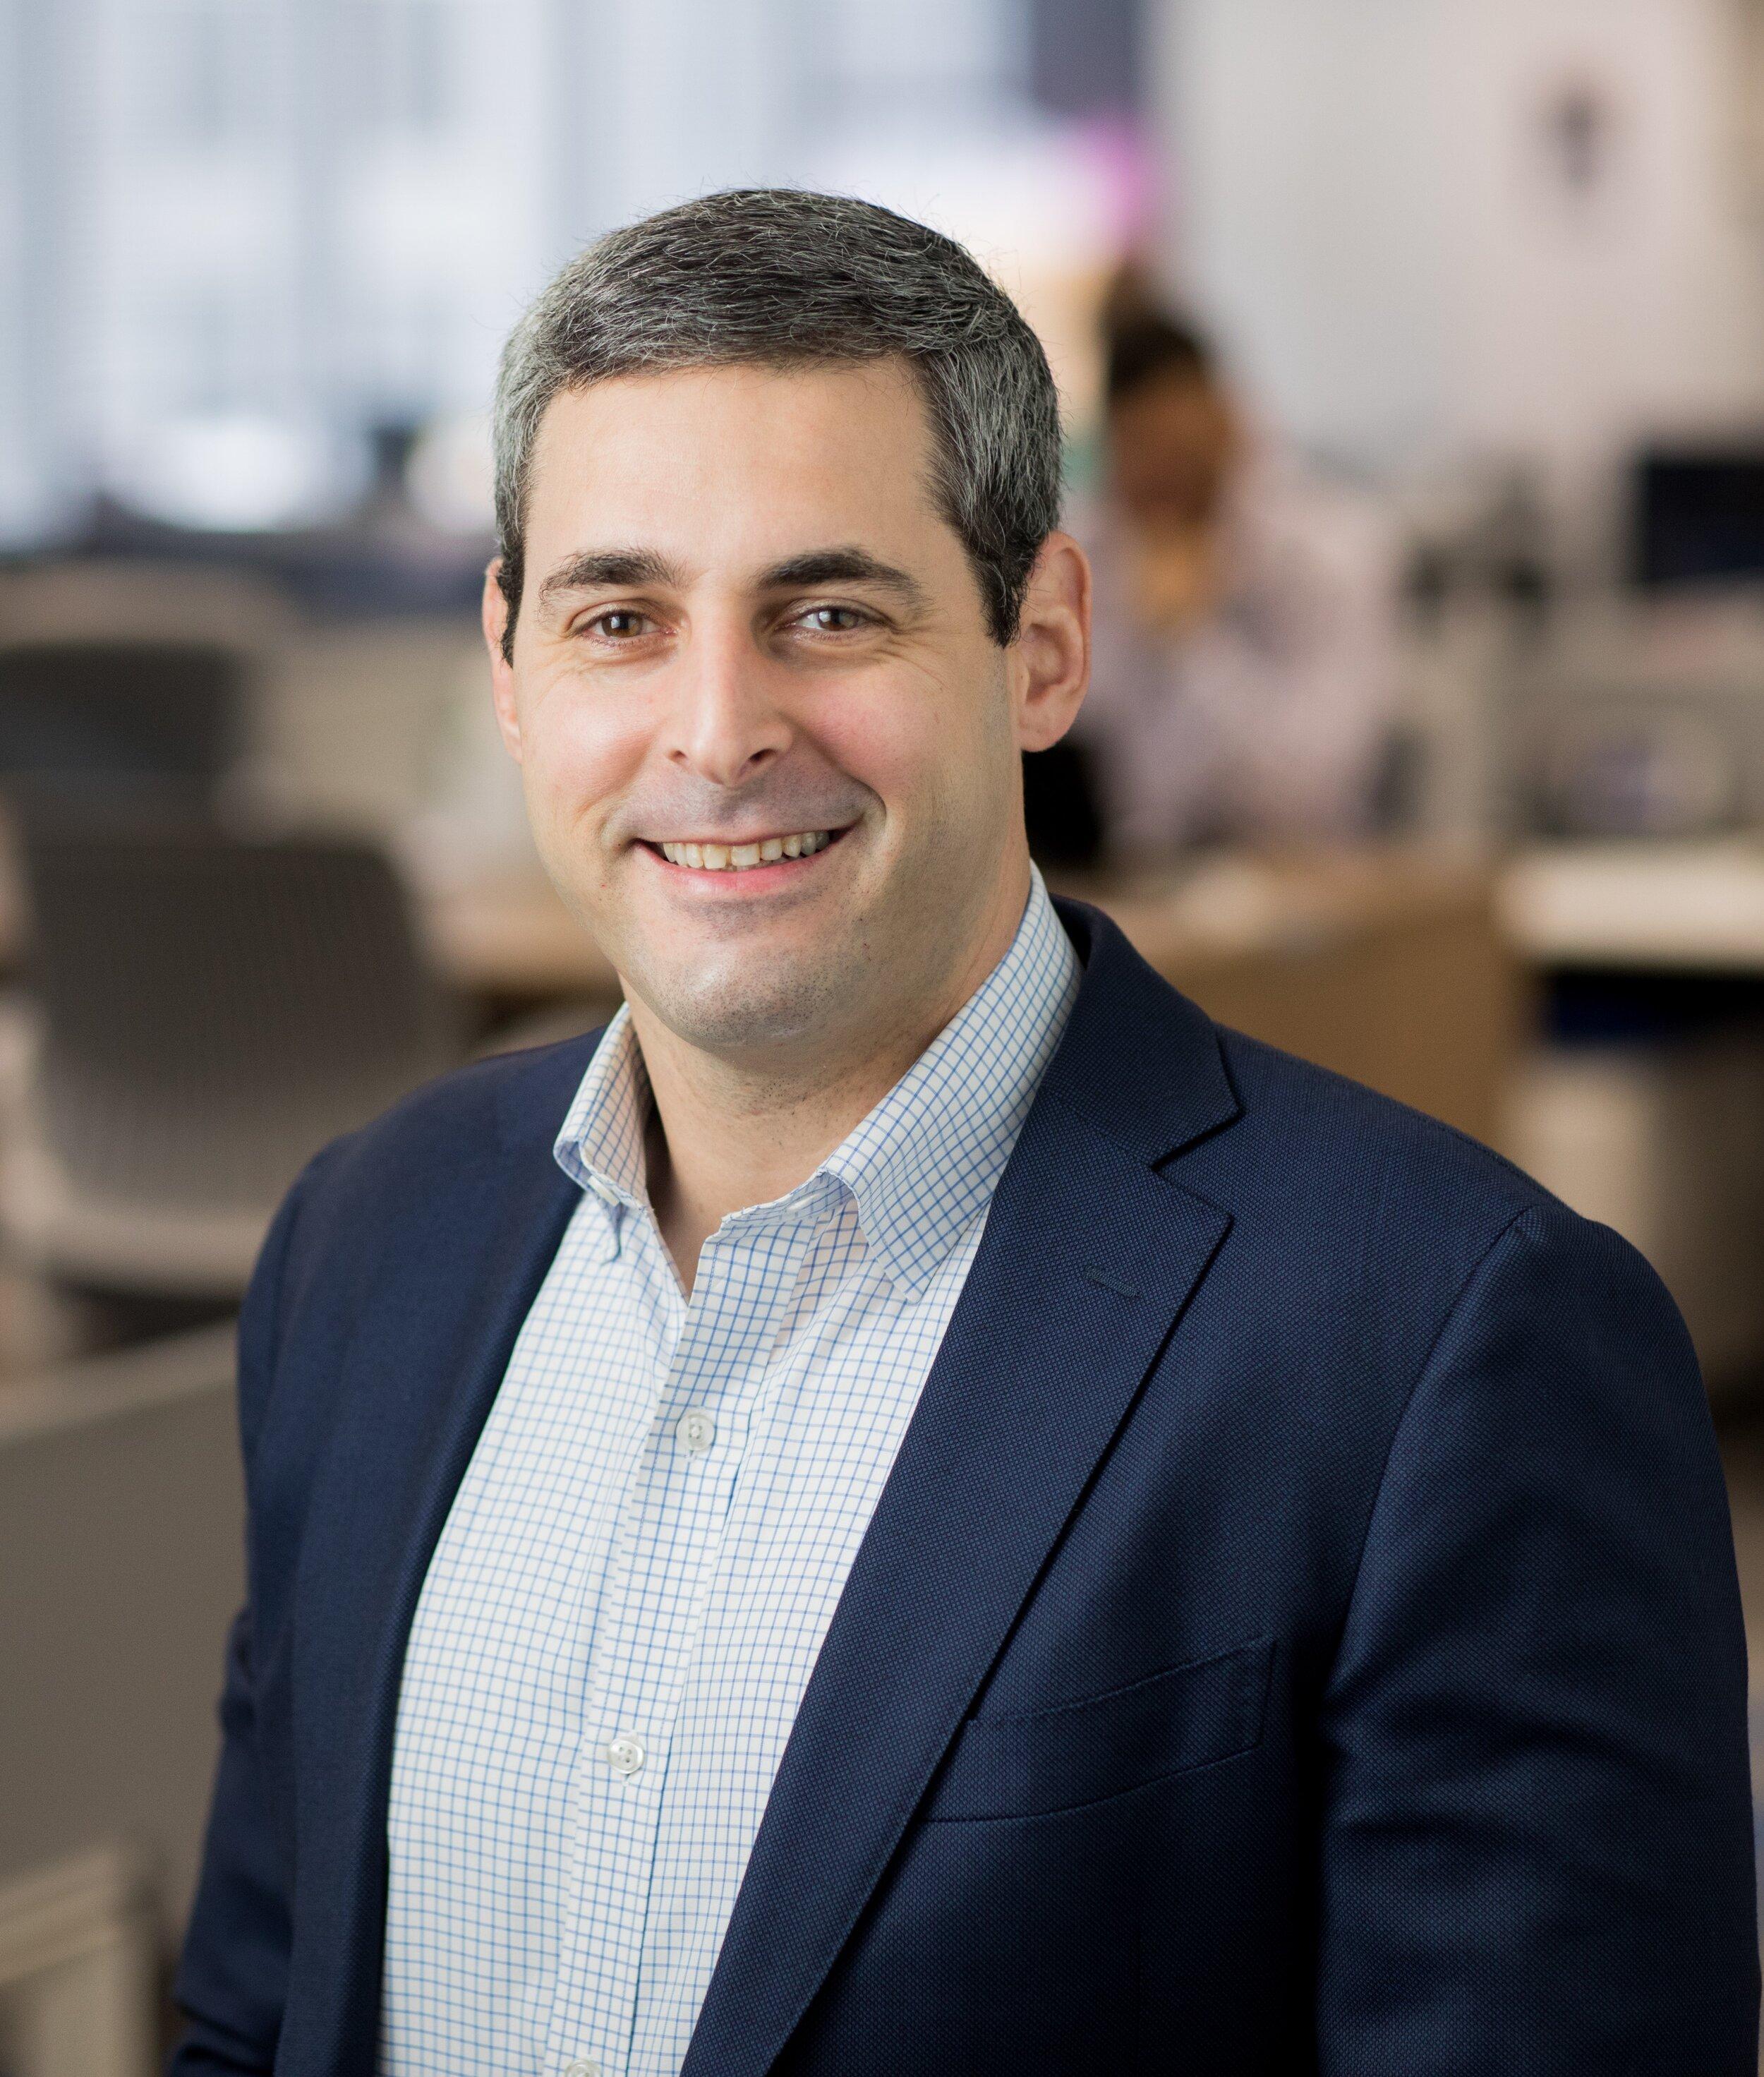 Paul Belin, MBA